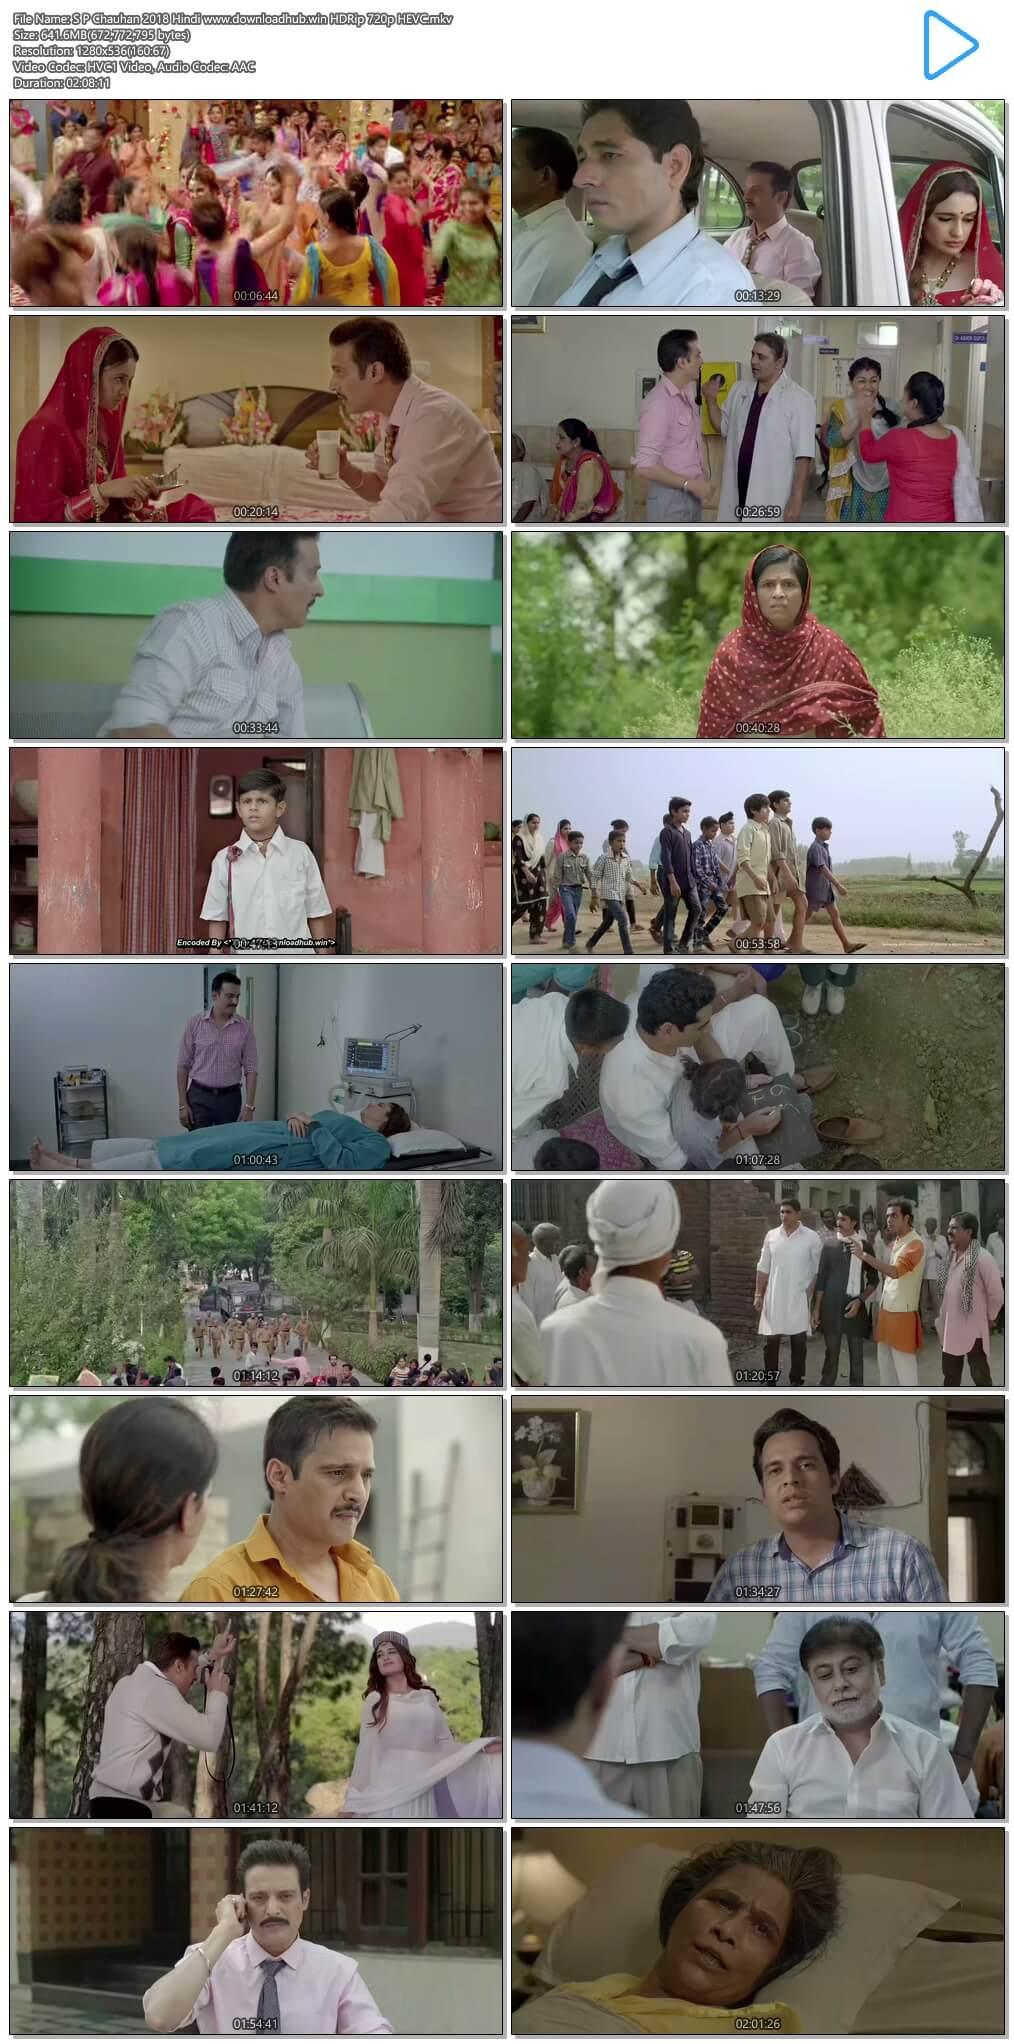 S P Chauhan 2018 Hindi 600MB HDRip 720p HEVC